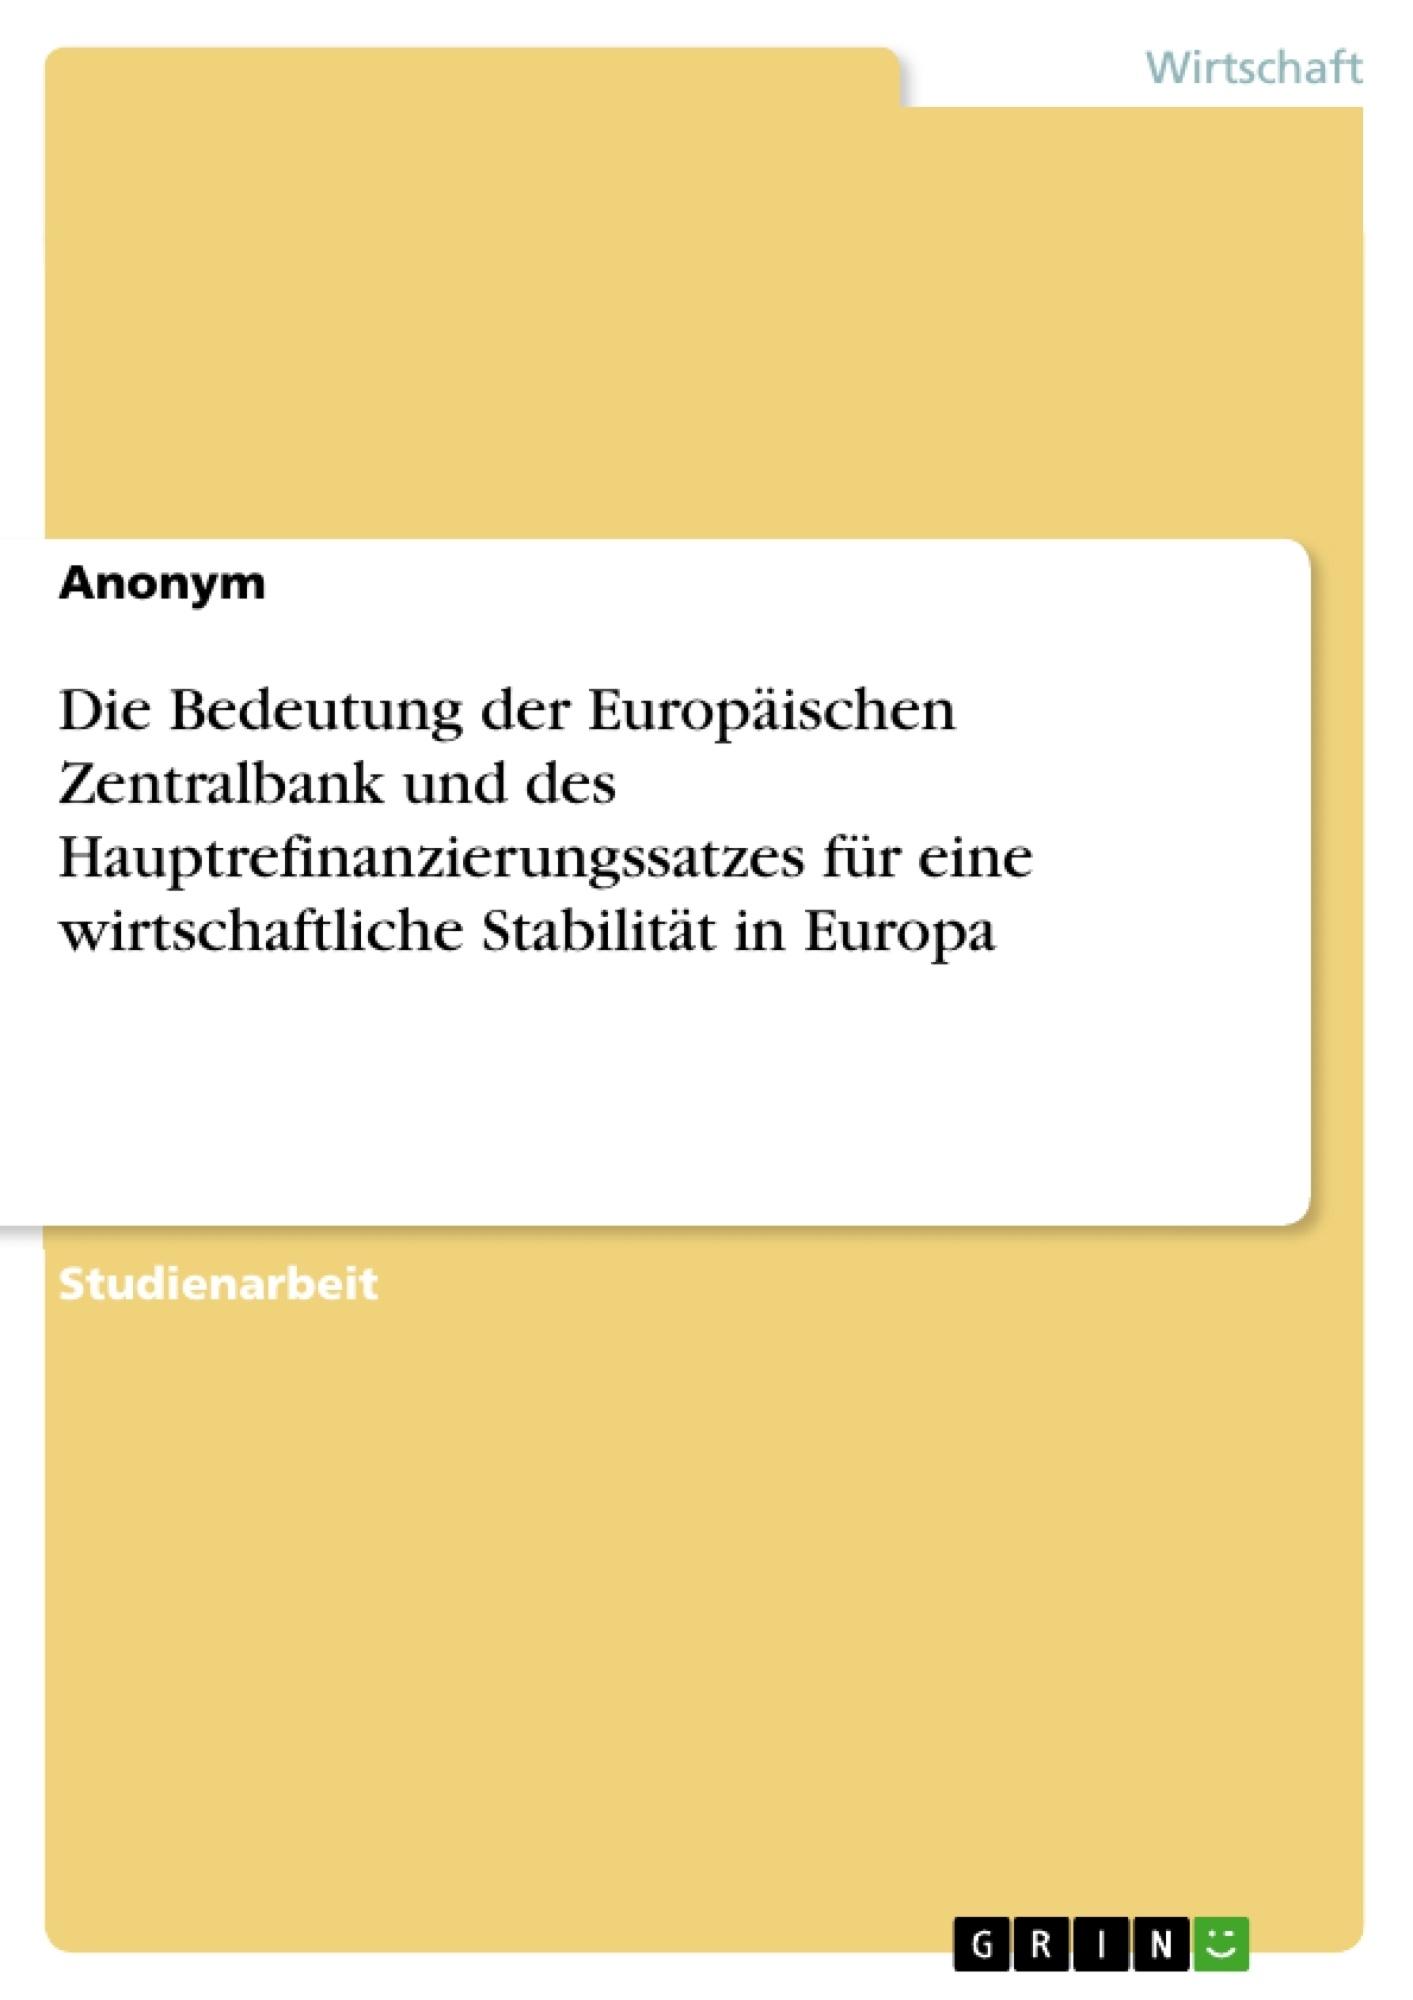 Titel: Die Bedeutung der Europäischen Zentralbank und des Hauptrefinanzierungssatzes für eine wirtschaftliche Stabilität in Europa